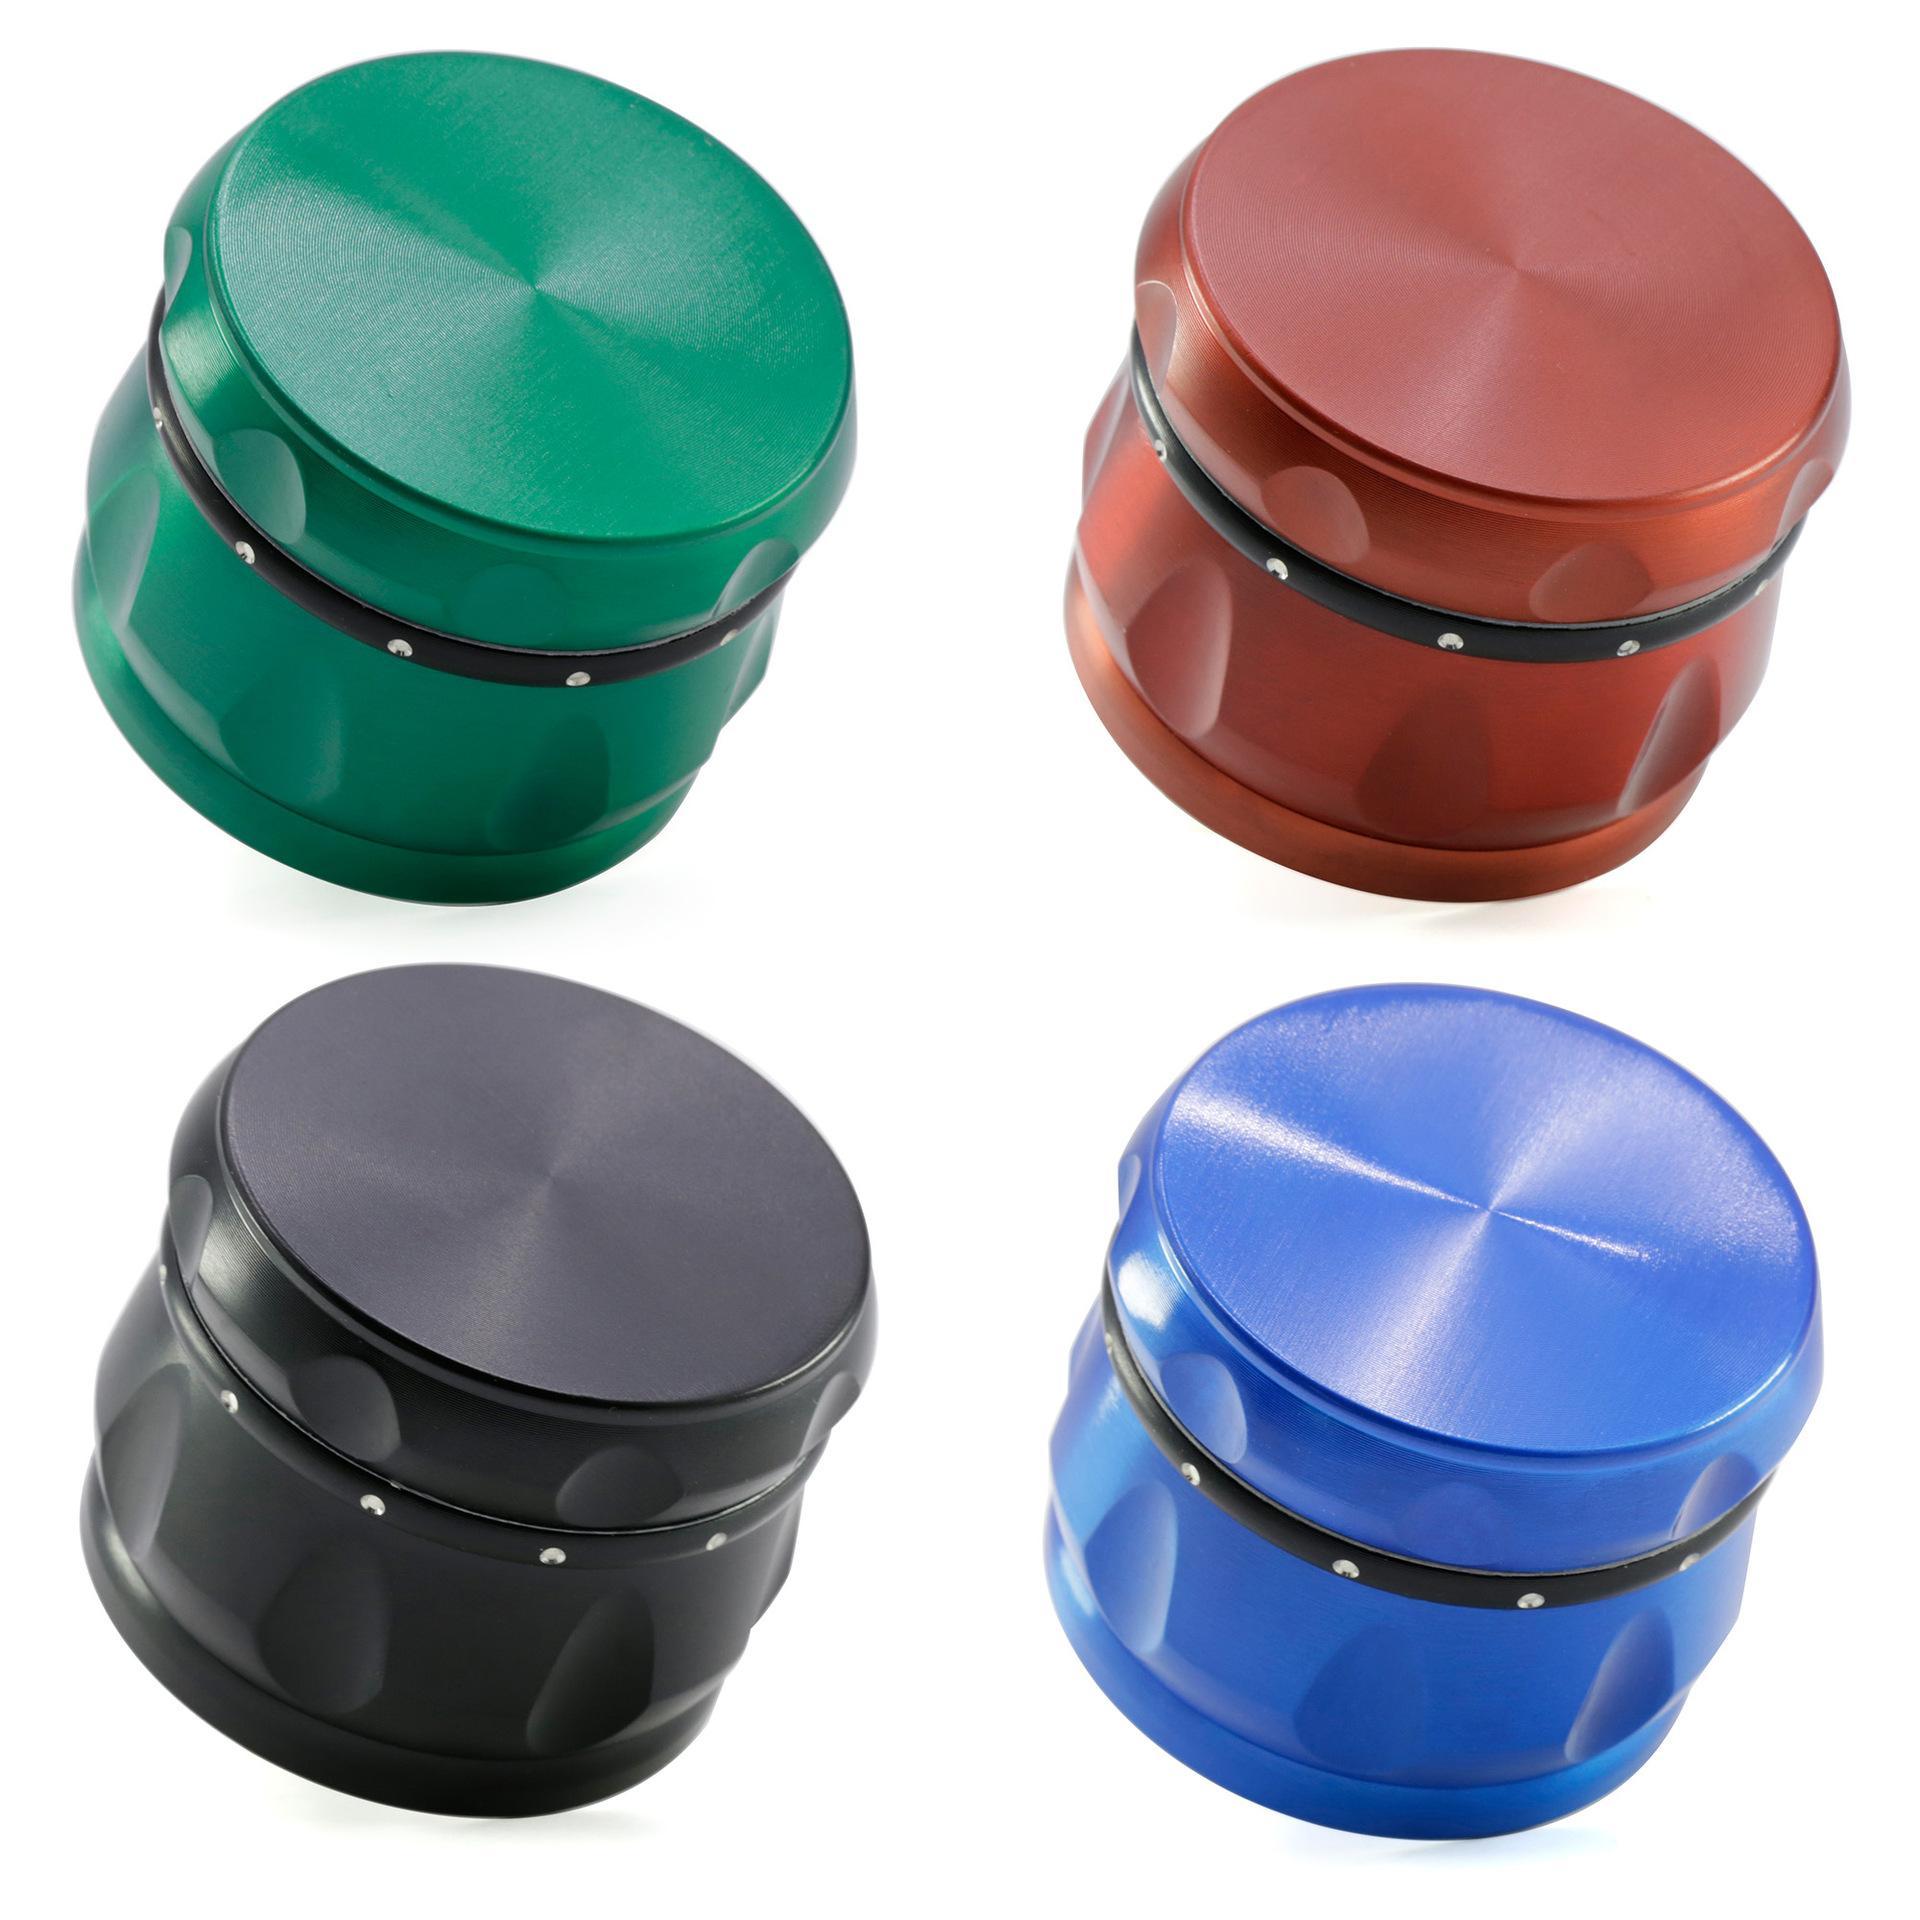 Molino de alta calidad Herb Grinder 4 colores Aleación de zinc 4 Piezas 63 mm Fumar Metal seco Molinillo de hierba trituradora de tabaco DHL libre